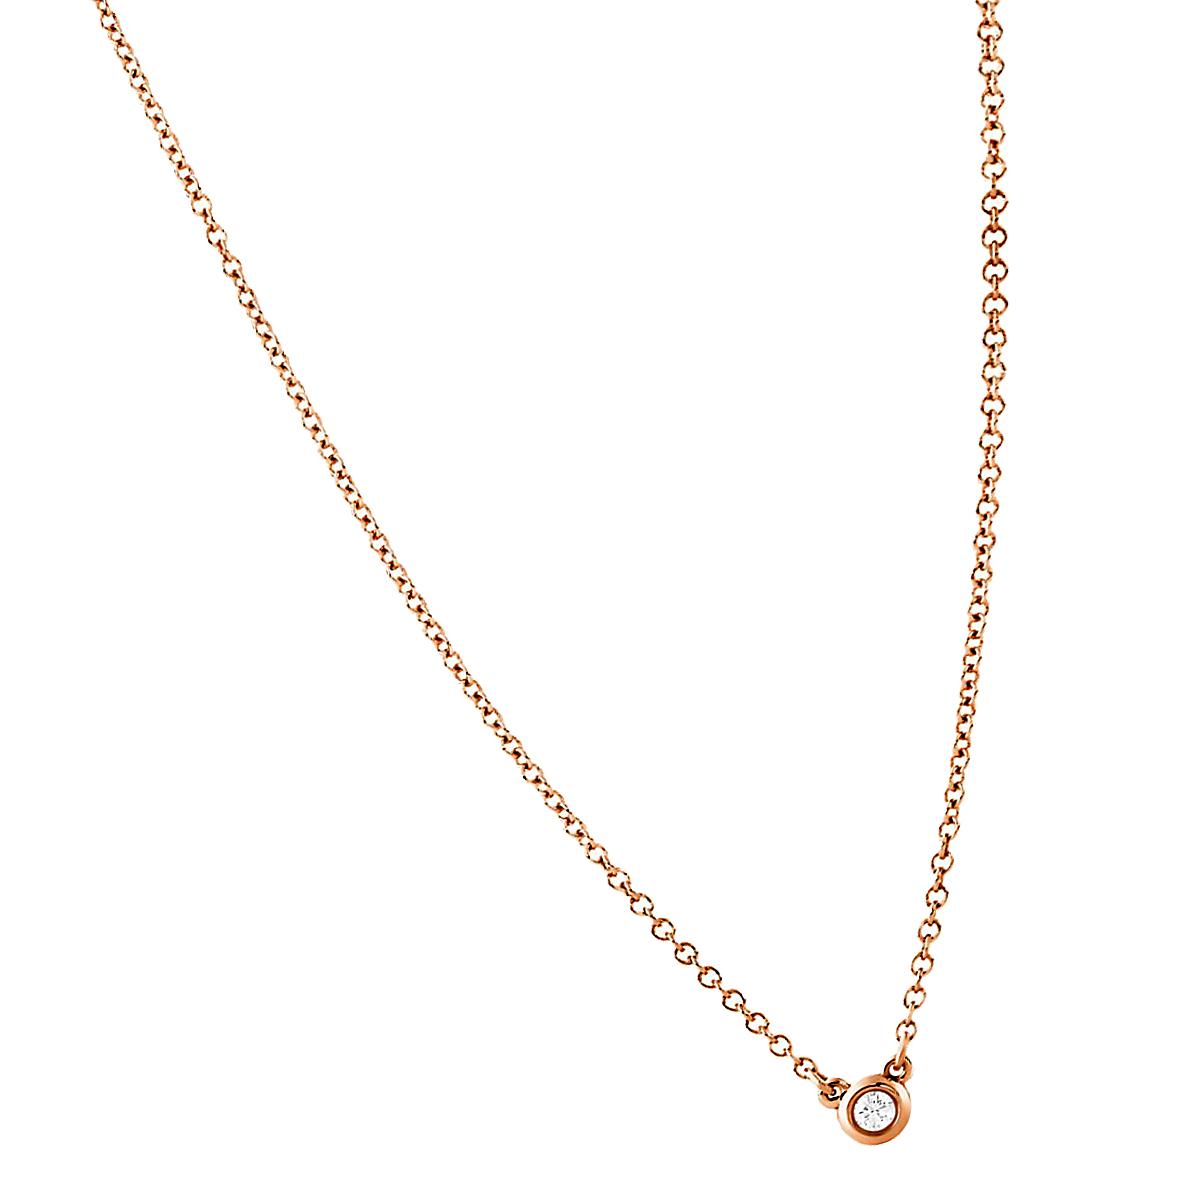 ティファニー tiffany ダイヤモンド バイ ザ ヤード ペンダント ローズ ゴールド ネックレス ダイヤモンド、K18 ローズゴールド